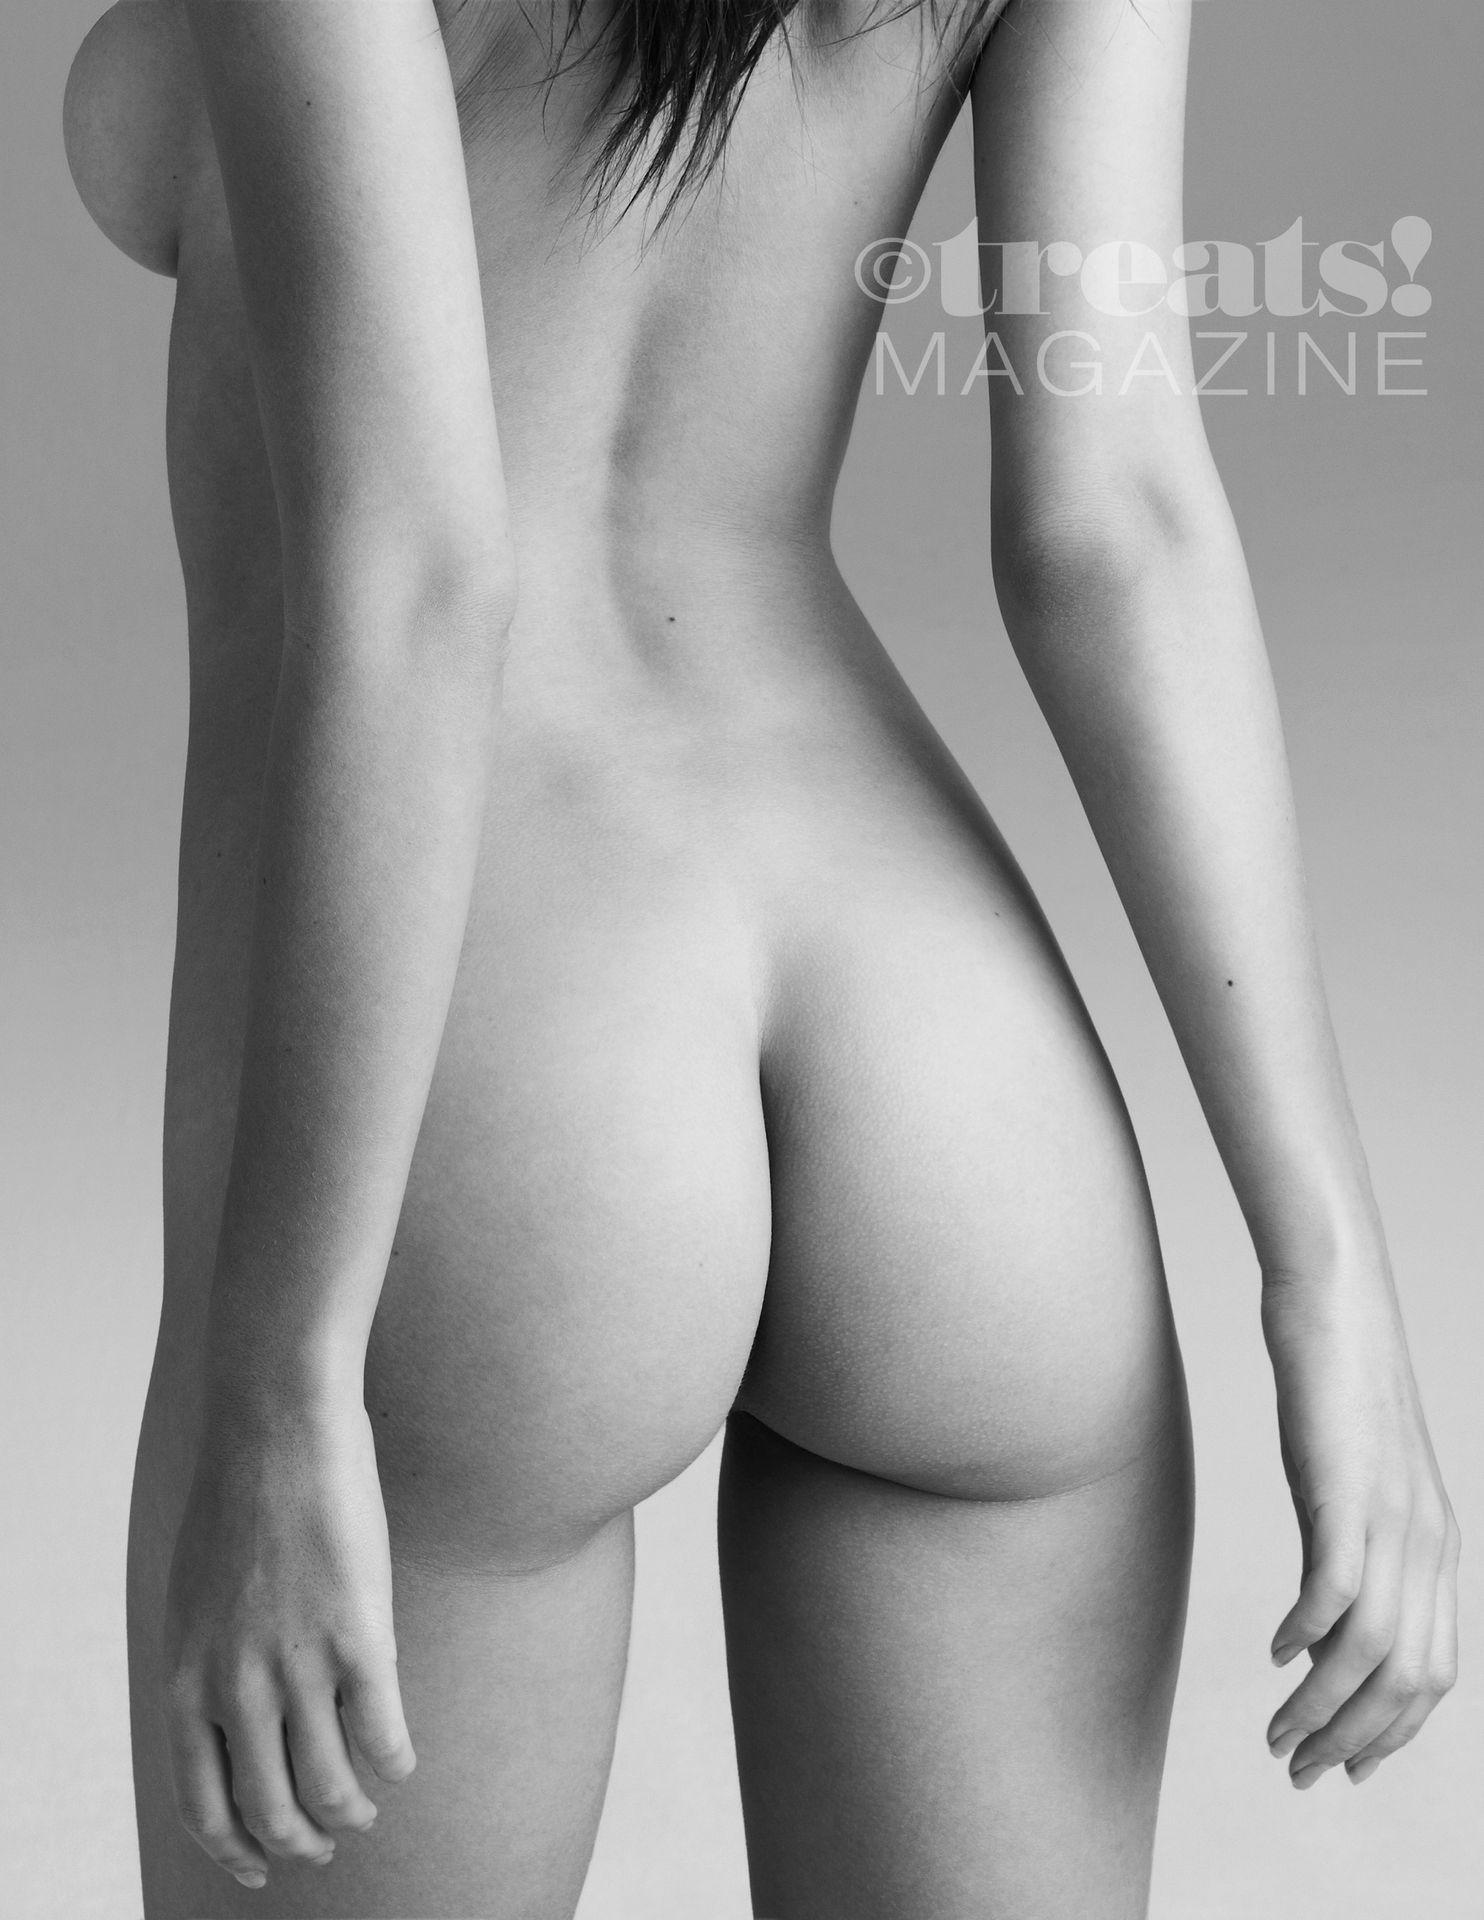 Emily Ratajkowski Nude – Treats! Outtakes 0002